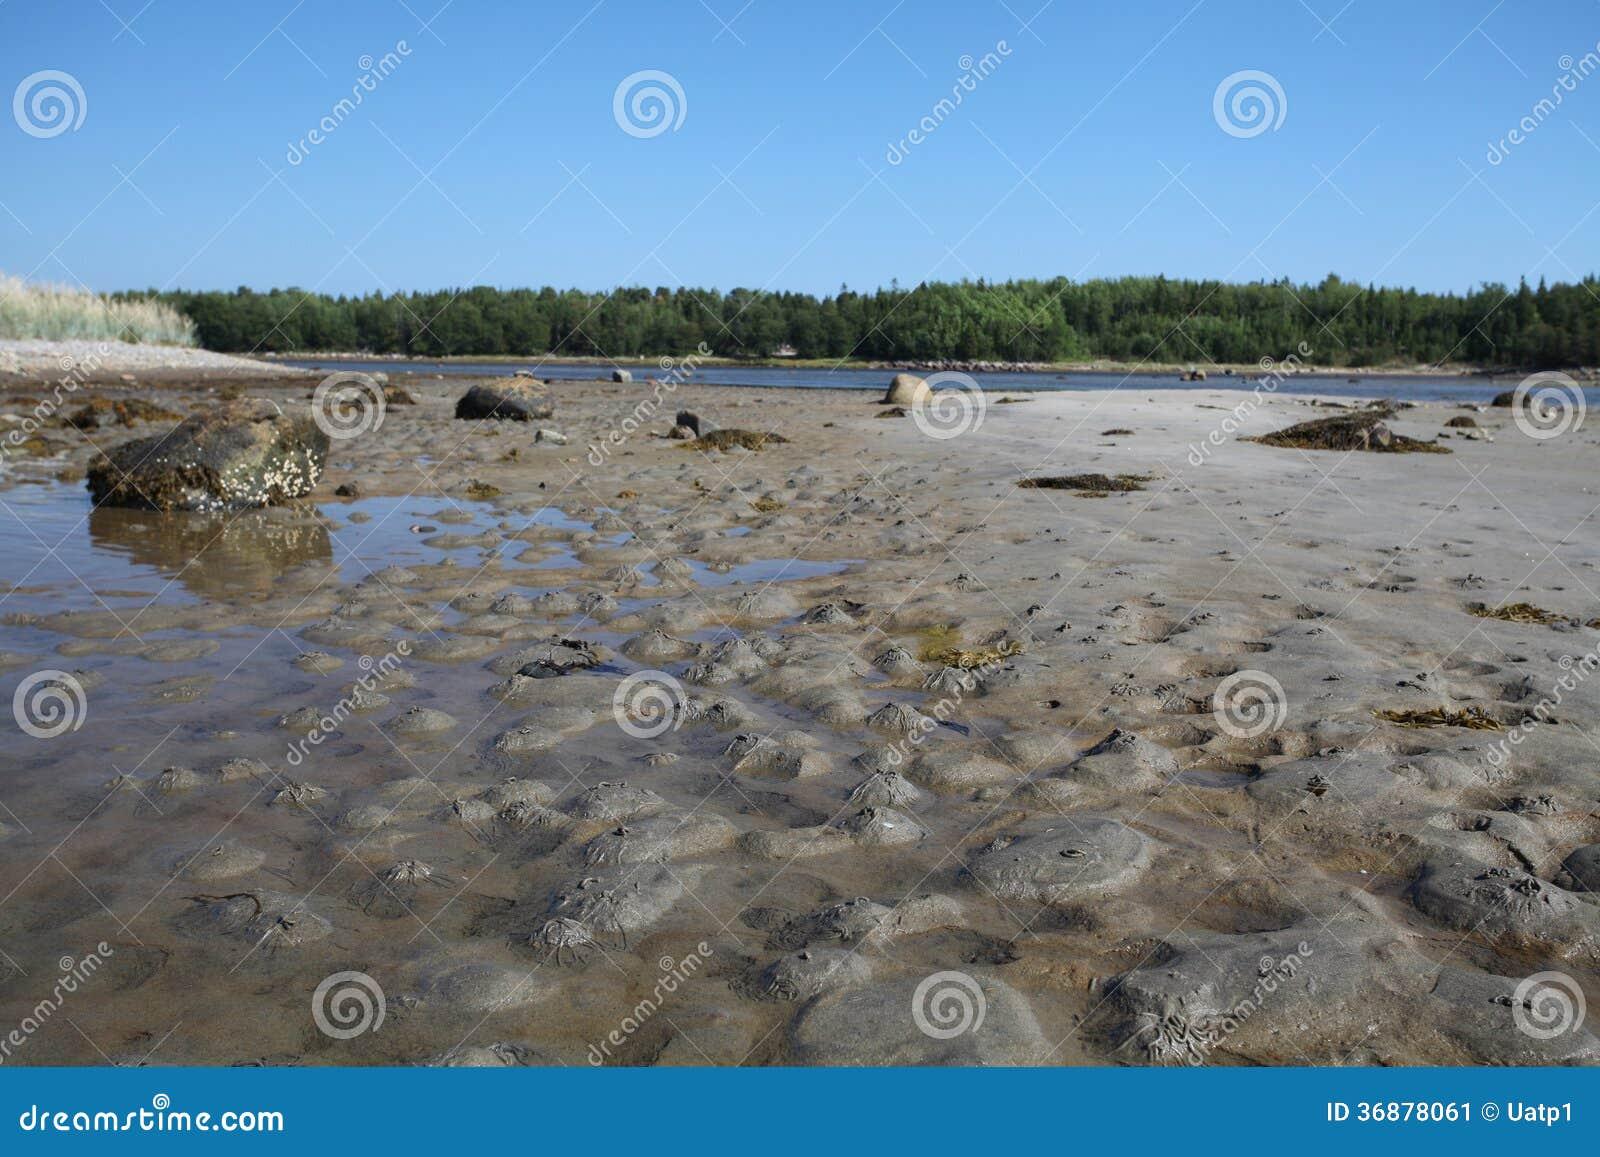 Download Paesaggio Con L'immagine Della Spiaggia Del Mar Bianco Immagine Stock - Immagine di lago, aperto: 36878061